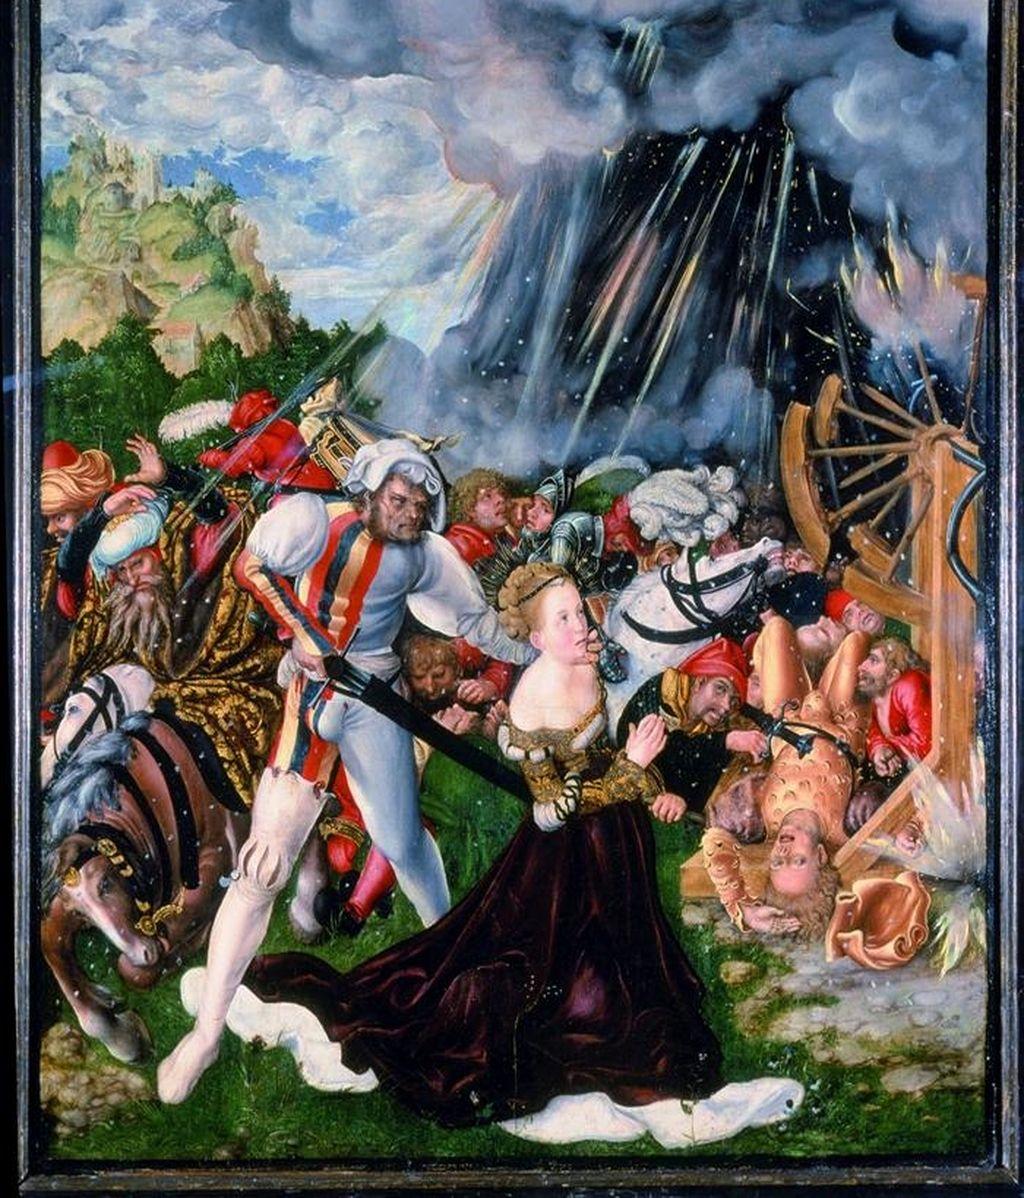 """Fotografía facilitada por el Museo de Luxemburgo, del cuadro """"Martirio de Santa Catalina"""", del pintor y diseñador de grabados renacentista alemán Lucas Cranach """"El Viejo"""". EFE"""